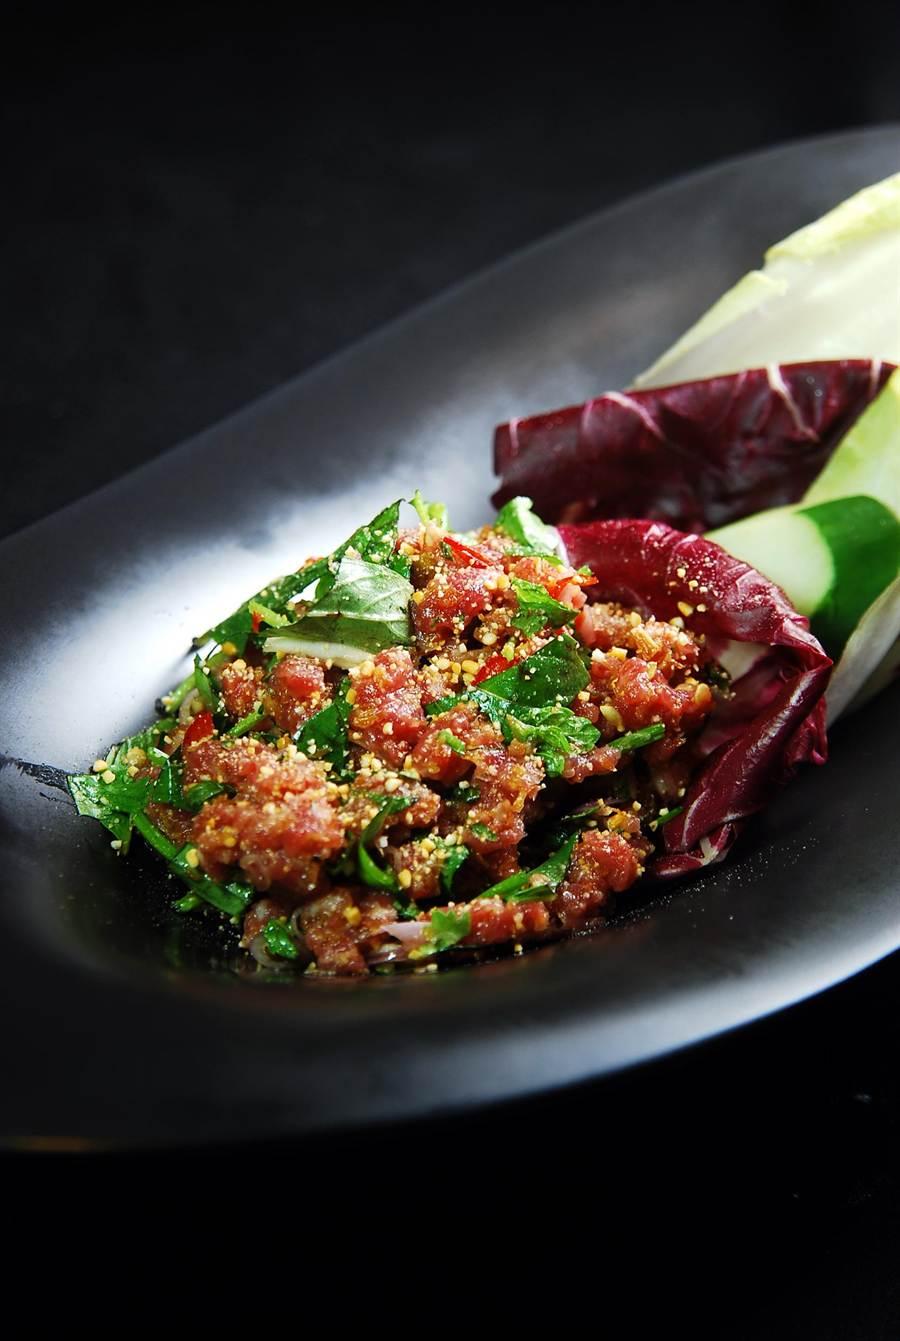 〈柬埔寨風味韃靼牛肉〉不只用甜香酸辣的柬埔寨醬汁提味,菜餚中還「埋伏」了烘烤磨碎糙米以增加口感。(圖/姚舜攝)